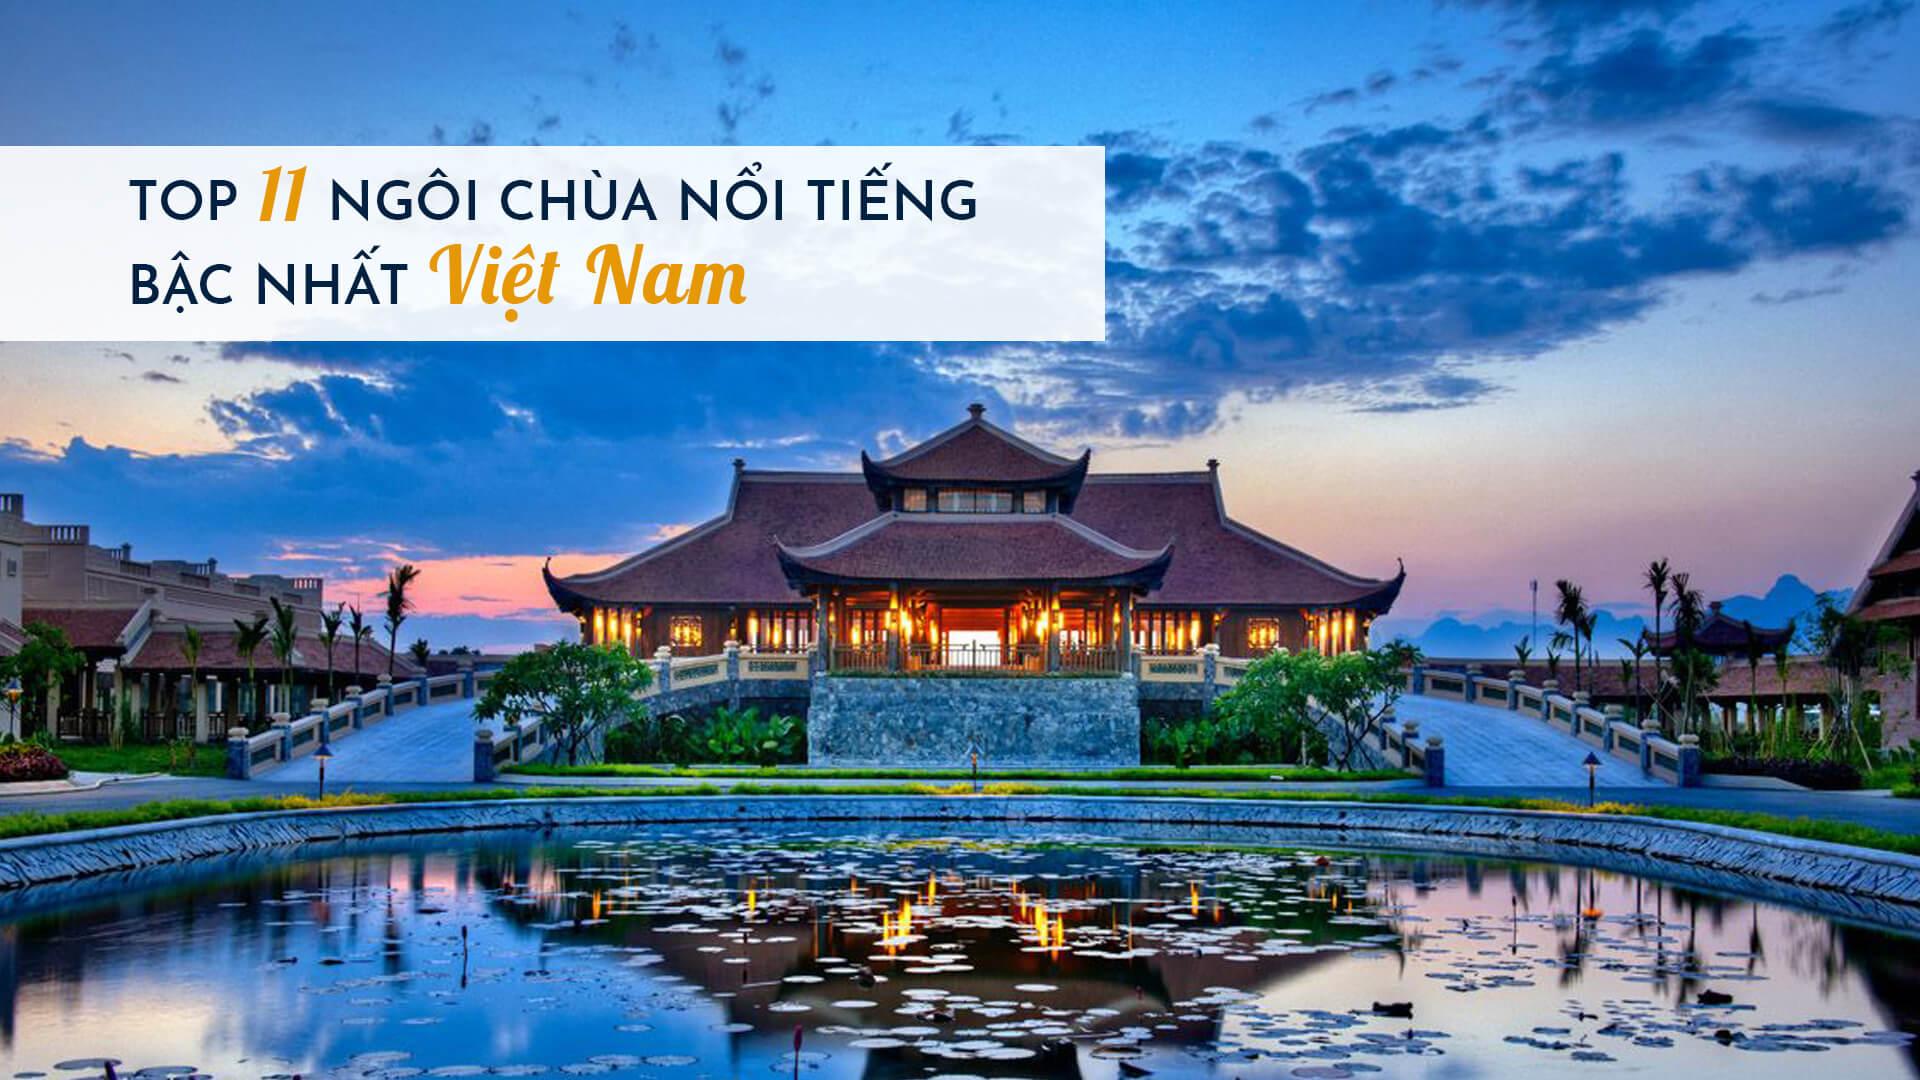 Top 11 ngôi chùa nổi tiếng bậc nhất Việt Nam